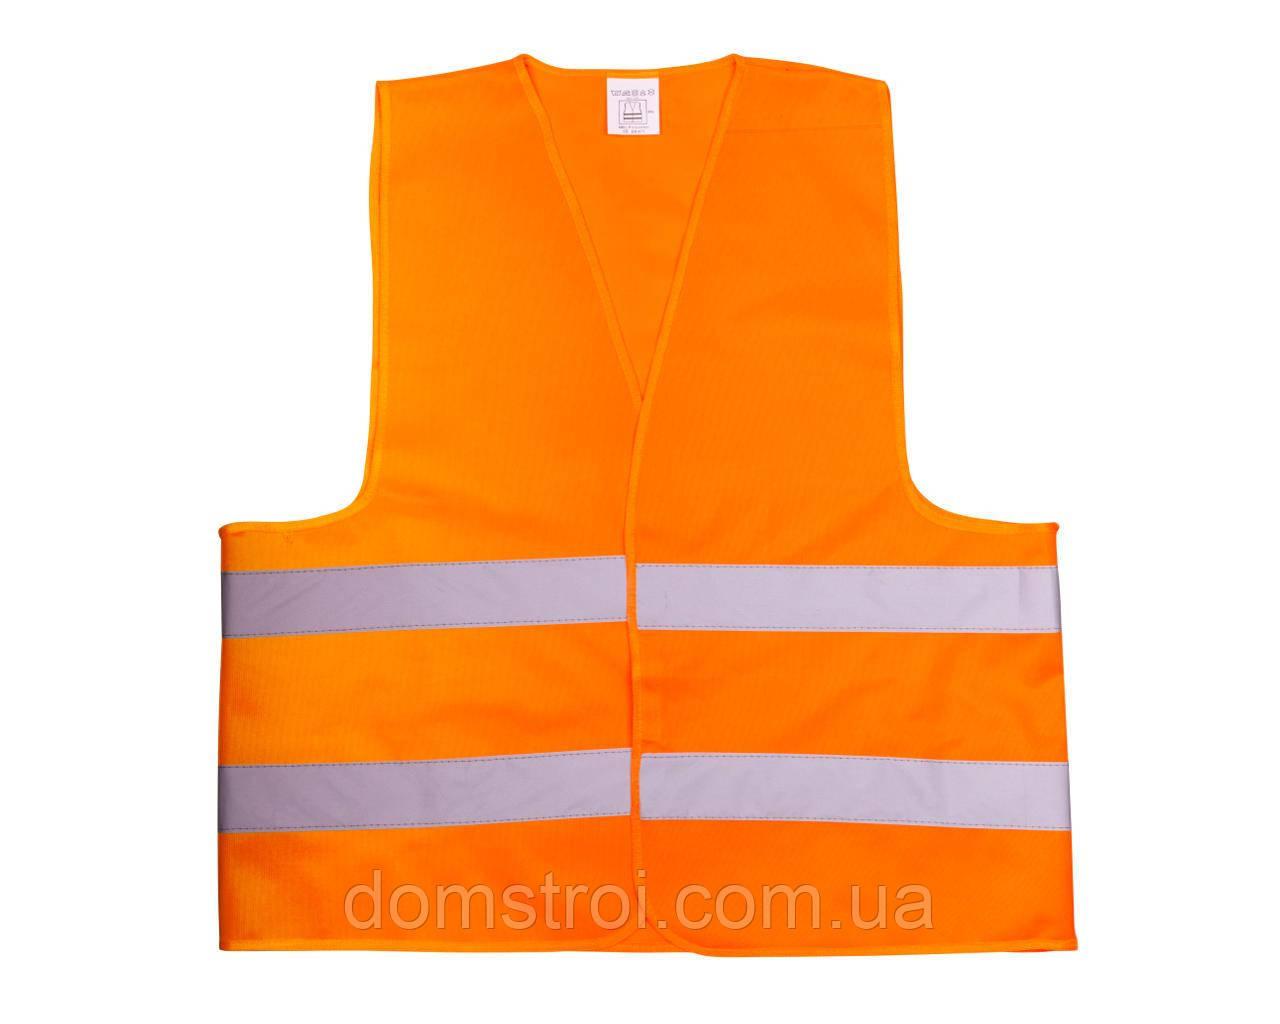 Жилет со светоотр. лентой Китай (цвет оранж) состав polyester 100% размер 4XL плотность ткани 80г/м2